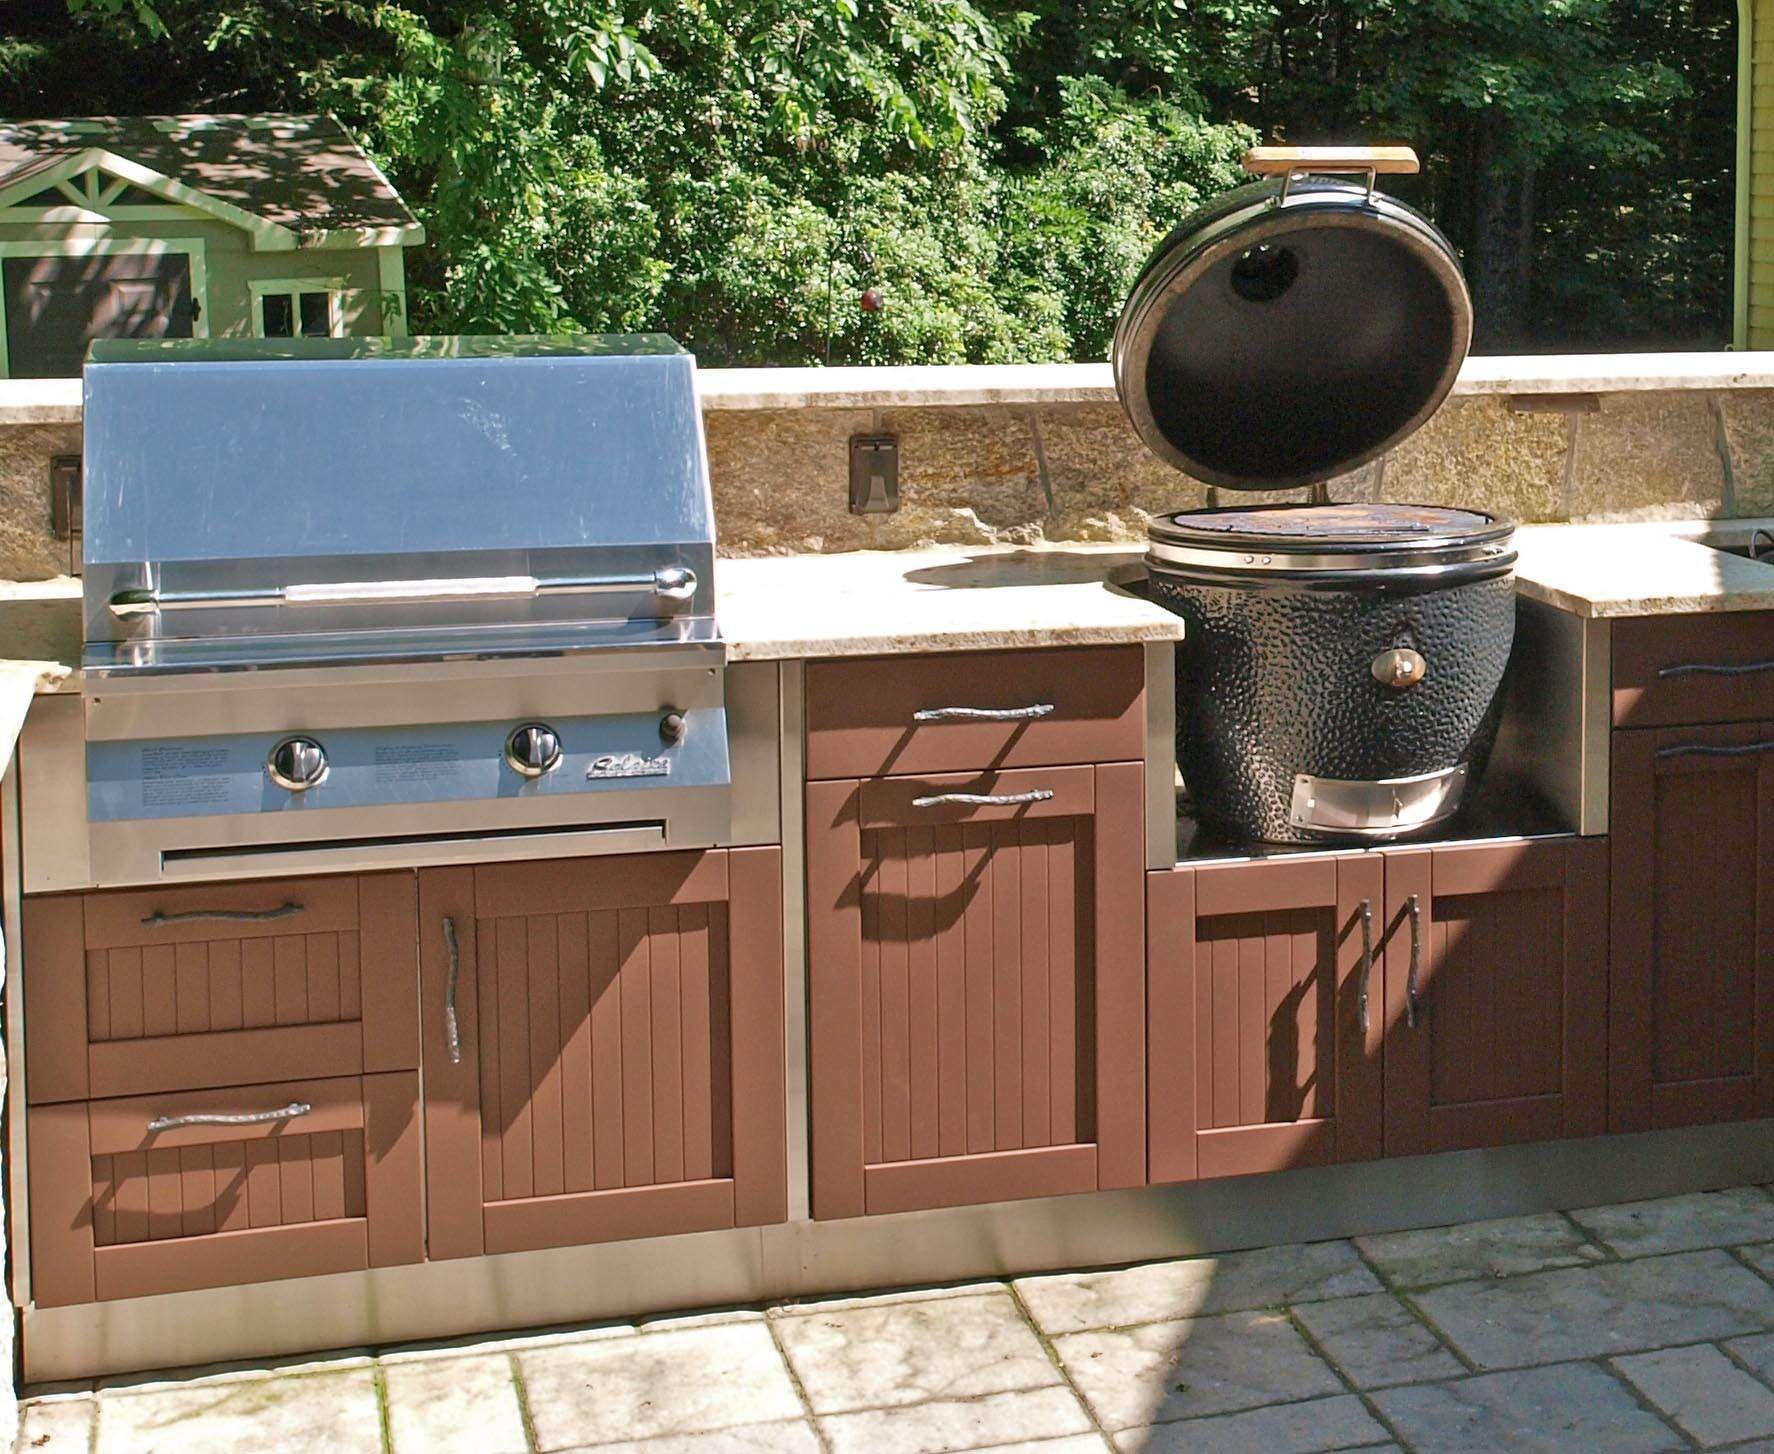 outdoor kitchen appliances olympus digital camera outdoor kitchen appliances inspiration on outdoor kitchen appliances id=19343